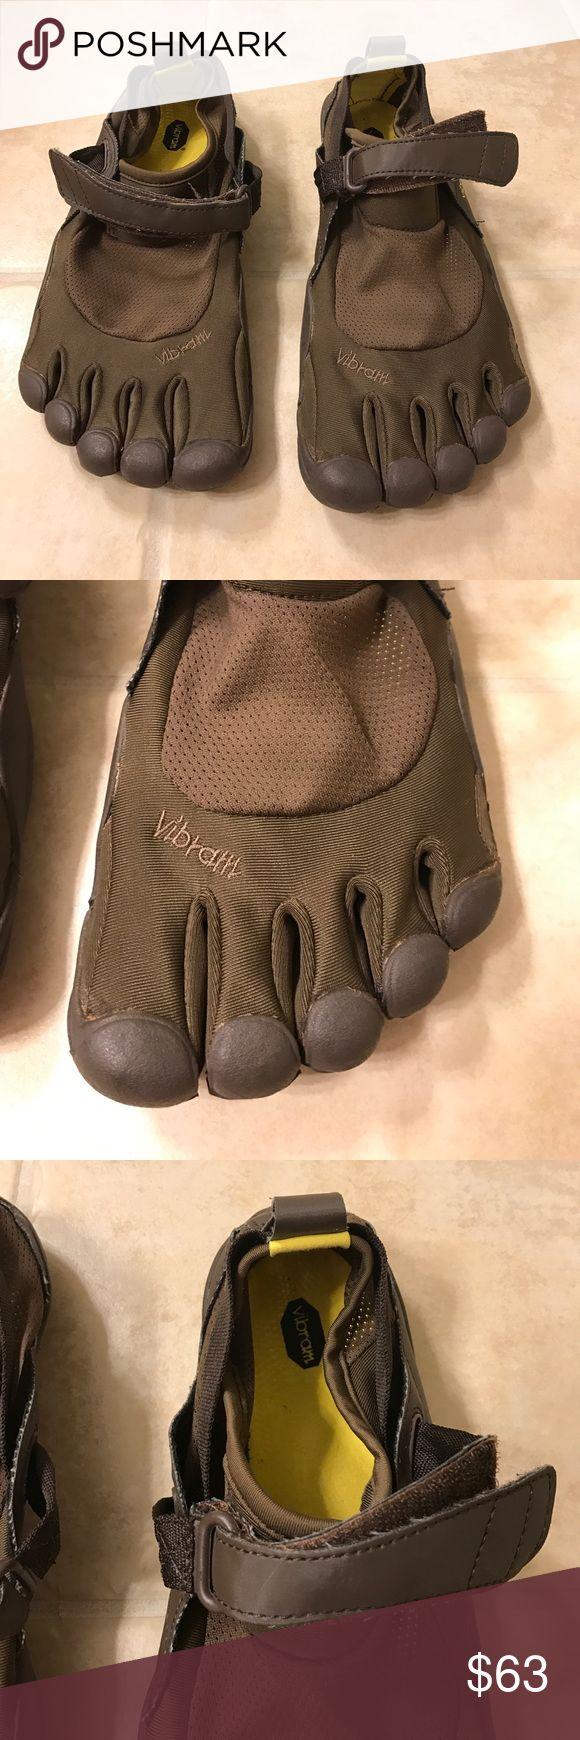 Vibram five finger running shoes size 43 (9.5/10) Vibram five finger running shoes size 43 (9.5/10) Vibram Shoes